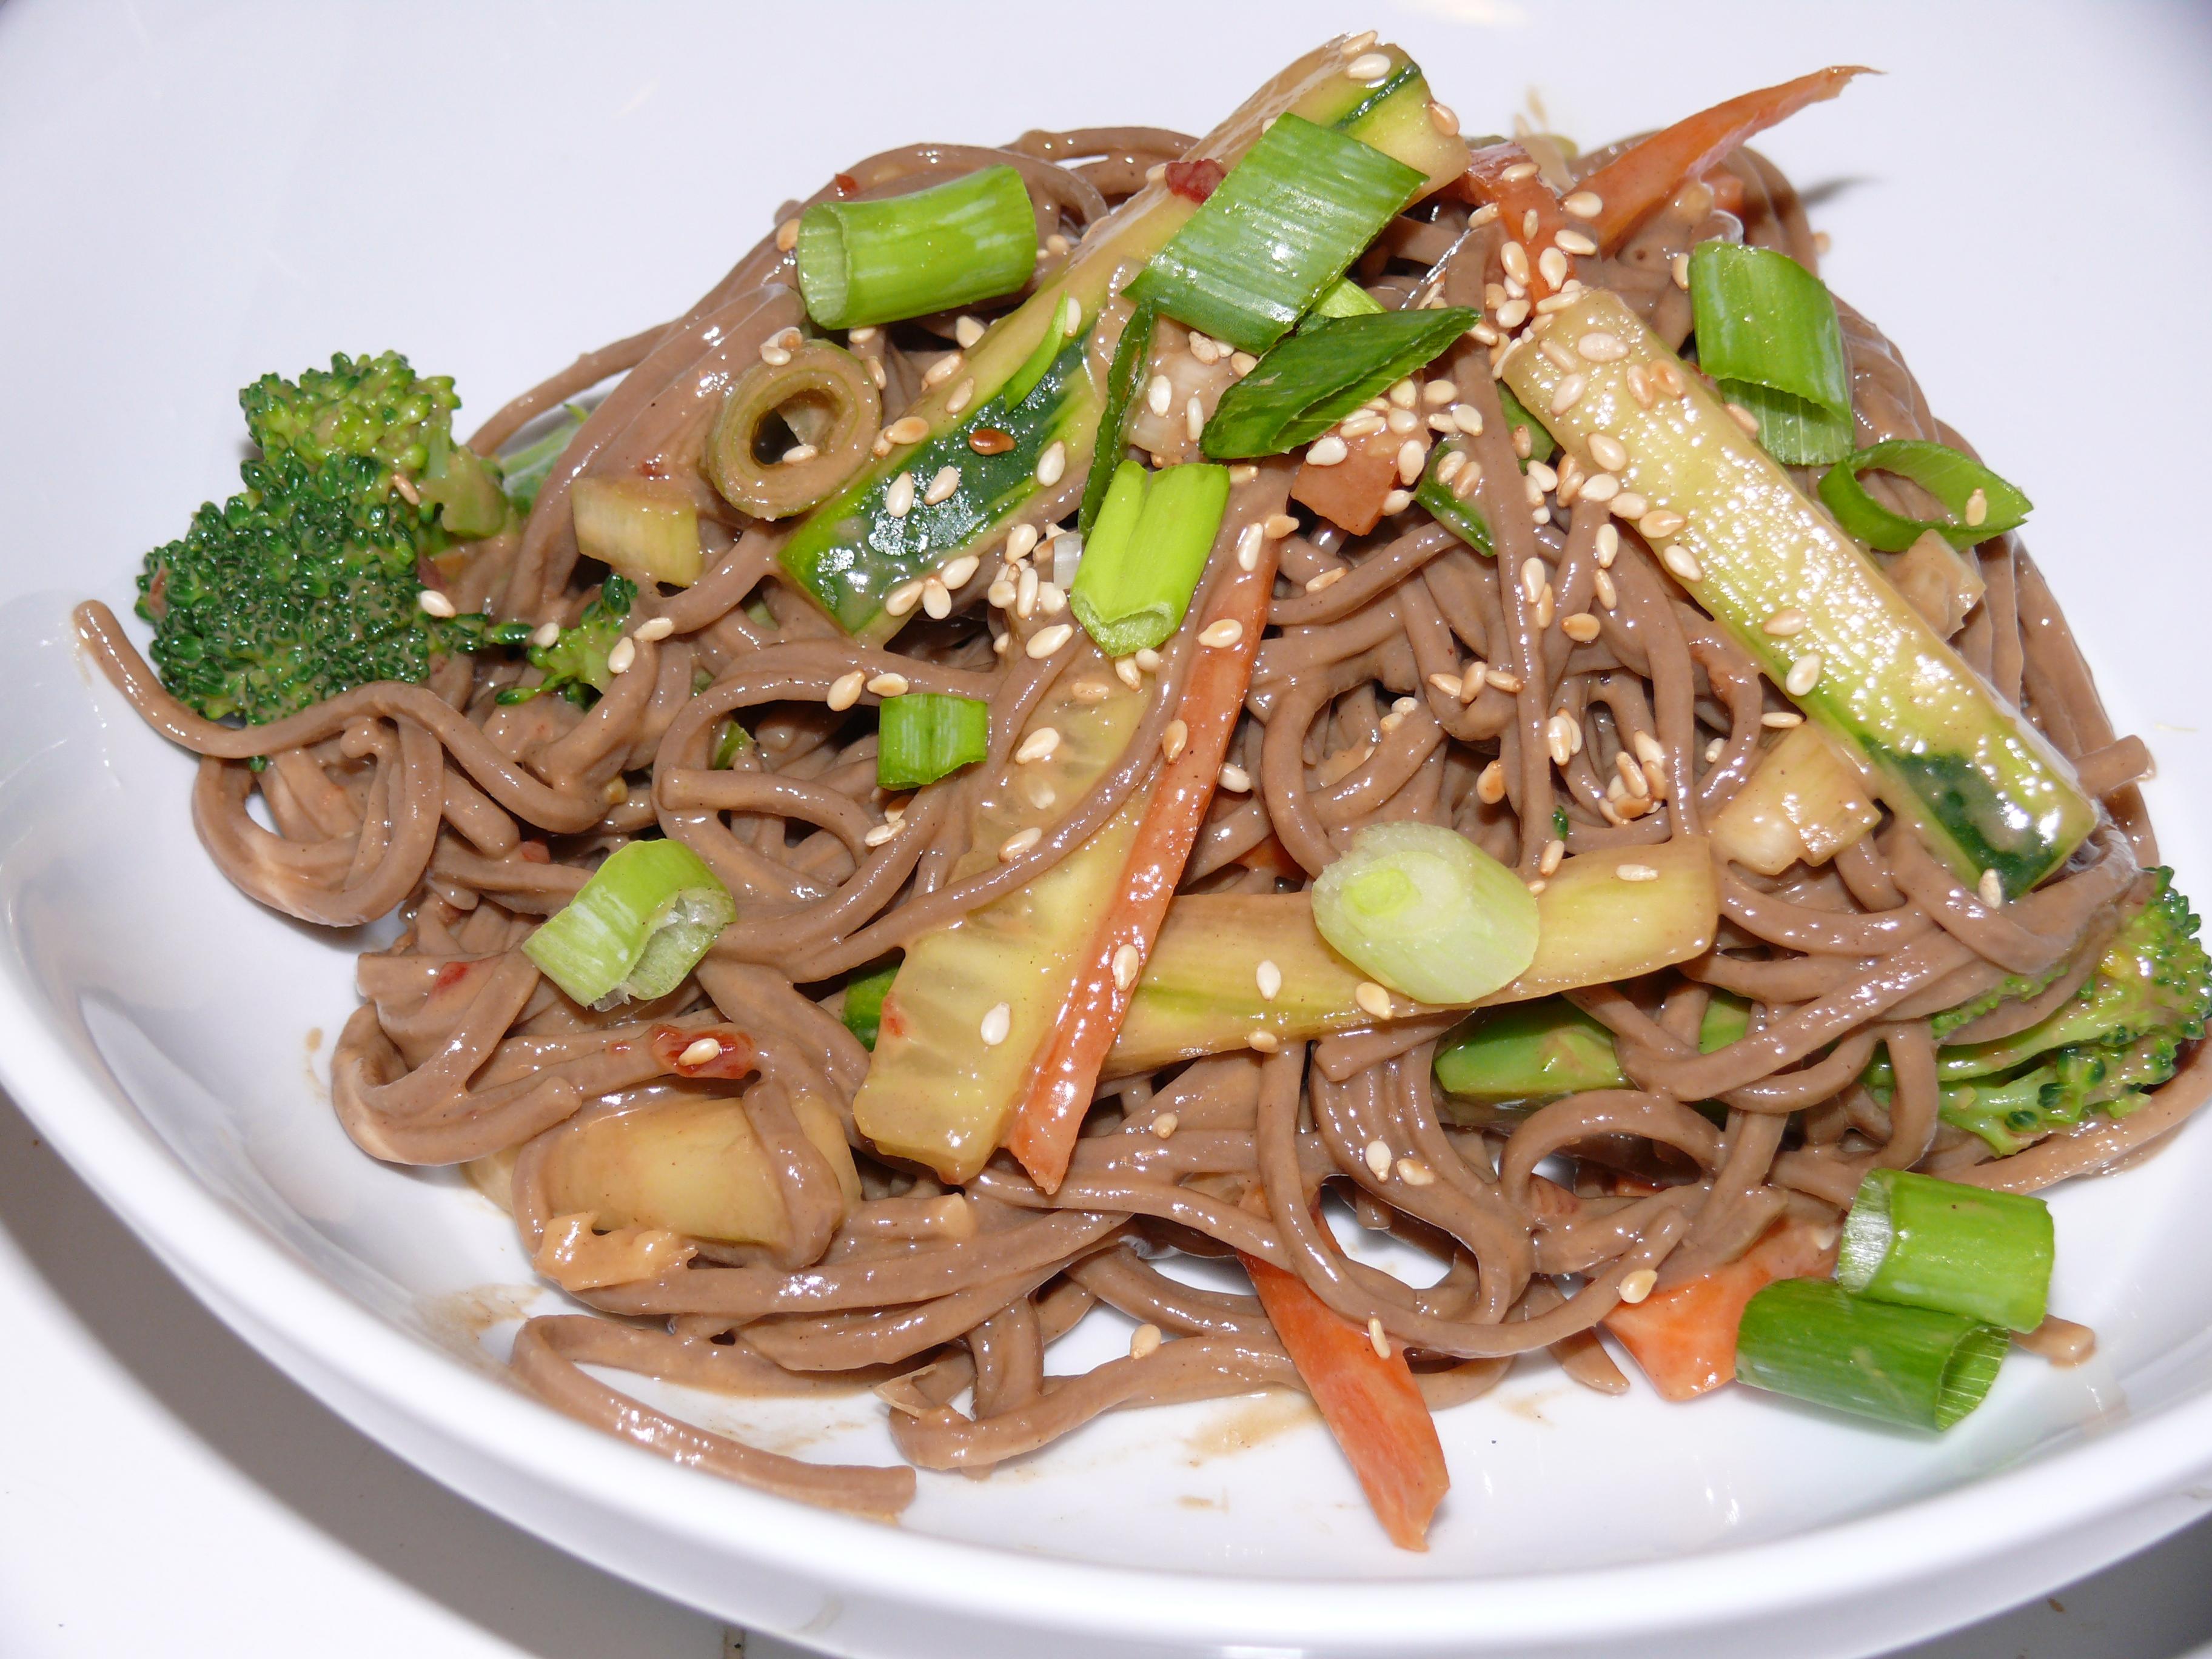 Cold Sesame Soba Noodles